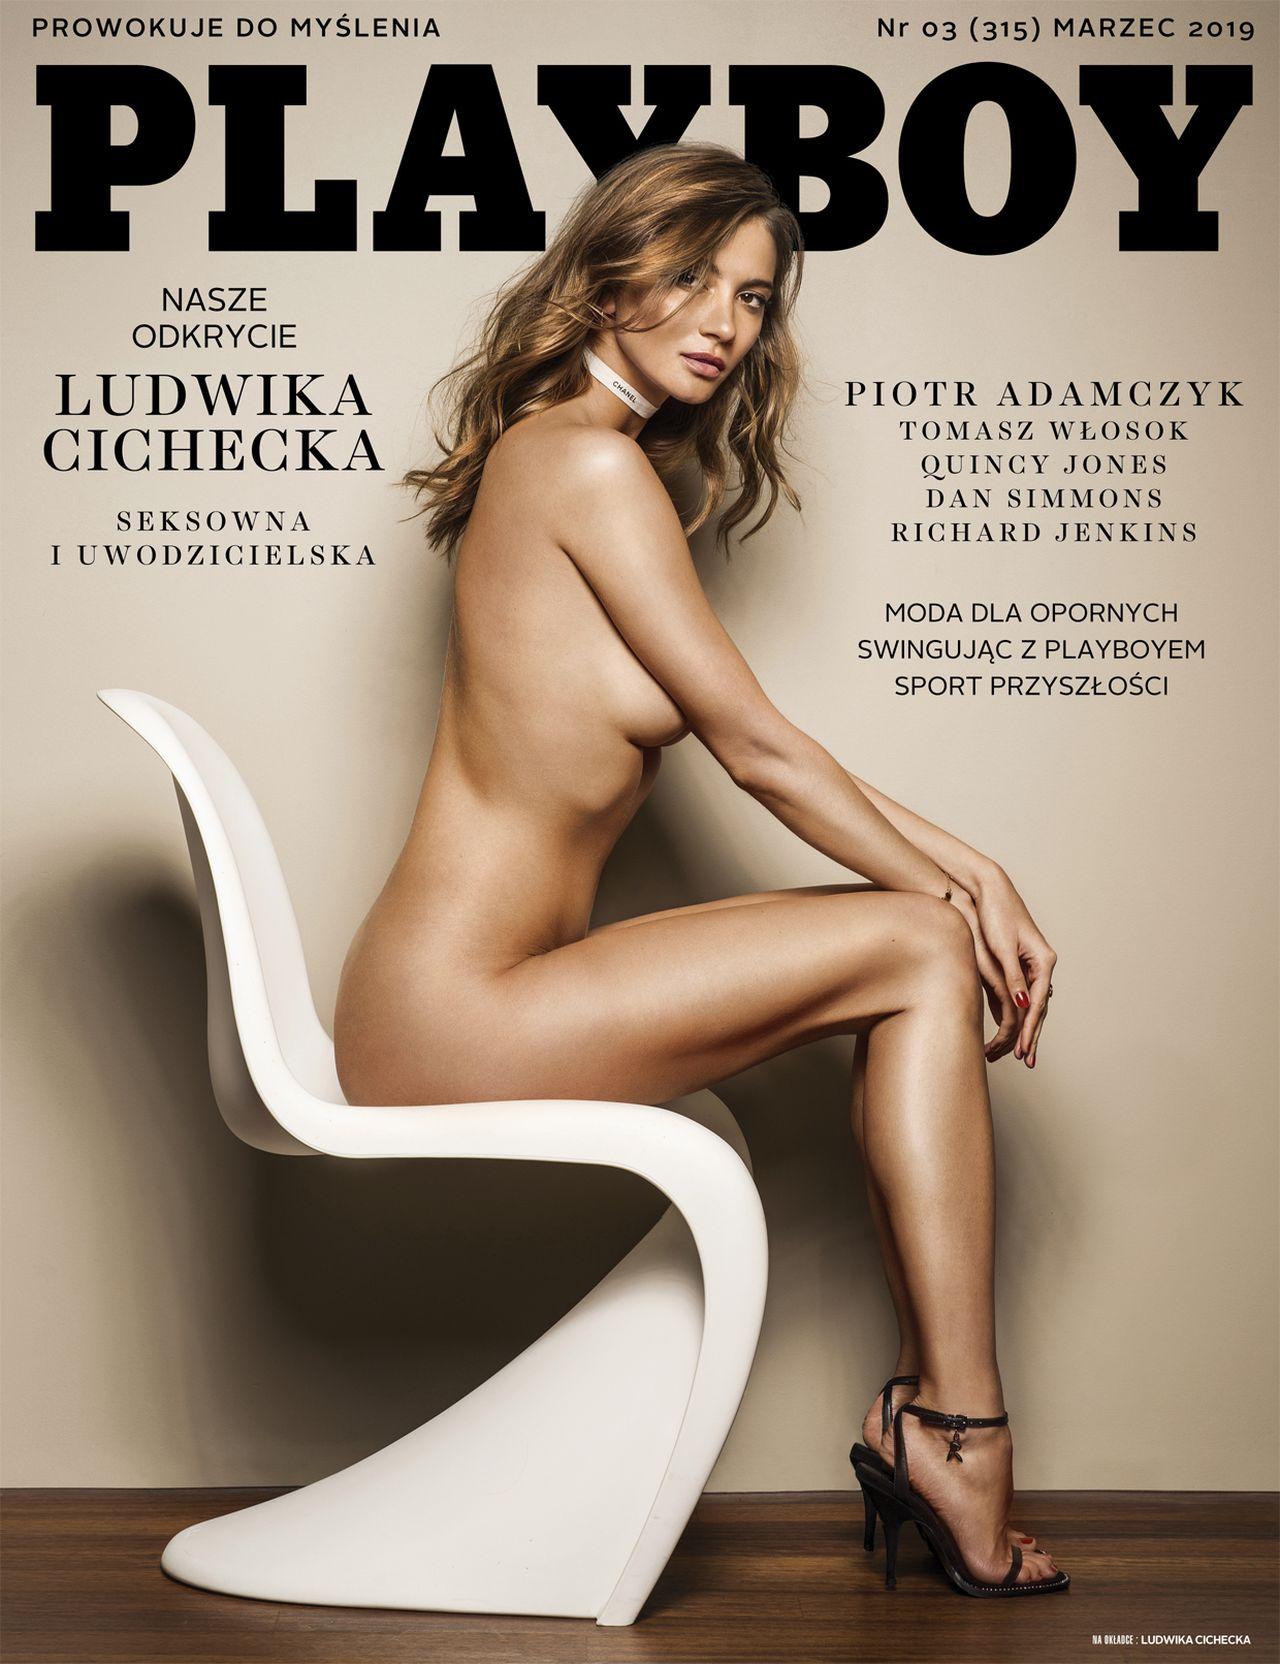 Ludwika Cichecka na okładce Playboya - ma szansę zostać nową celebrytką?